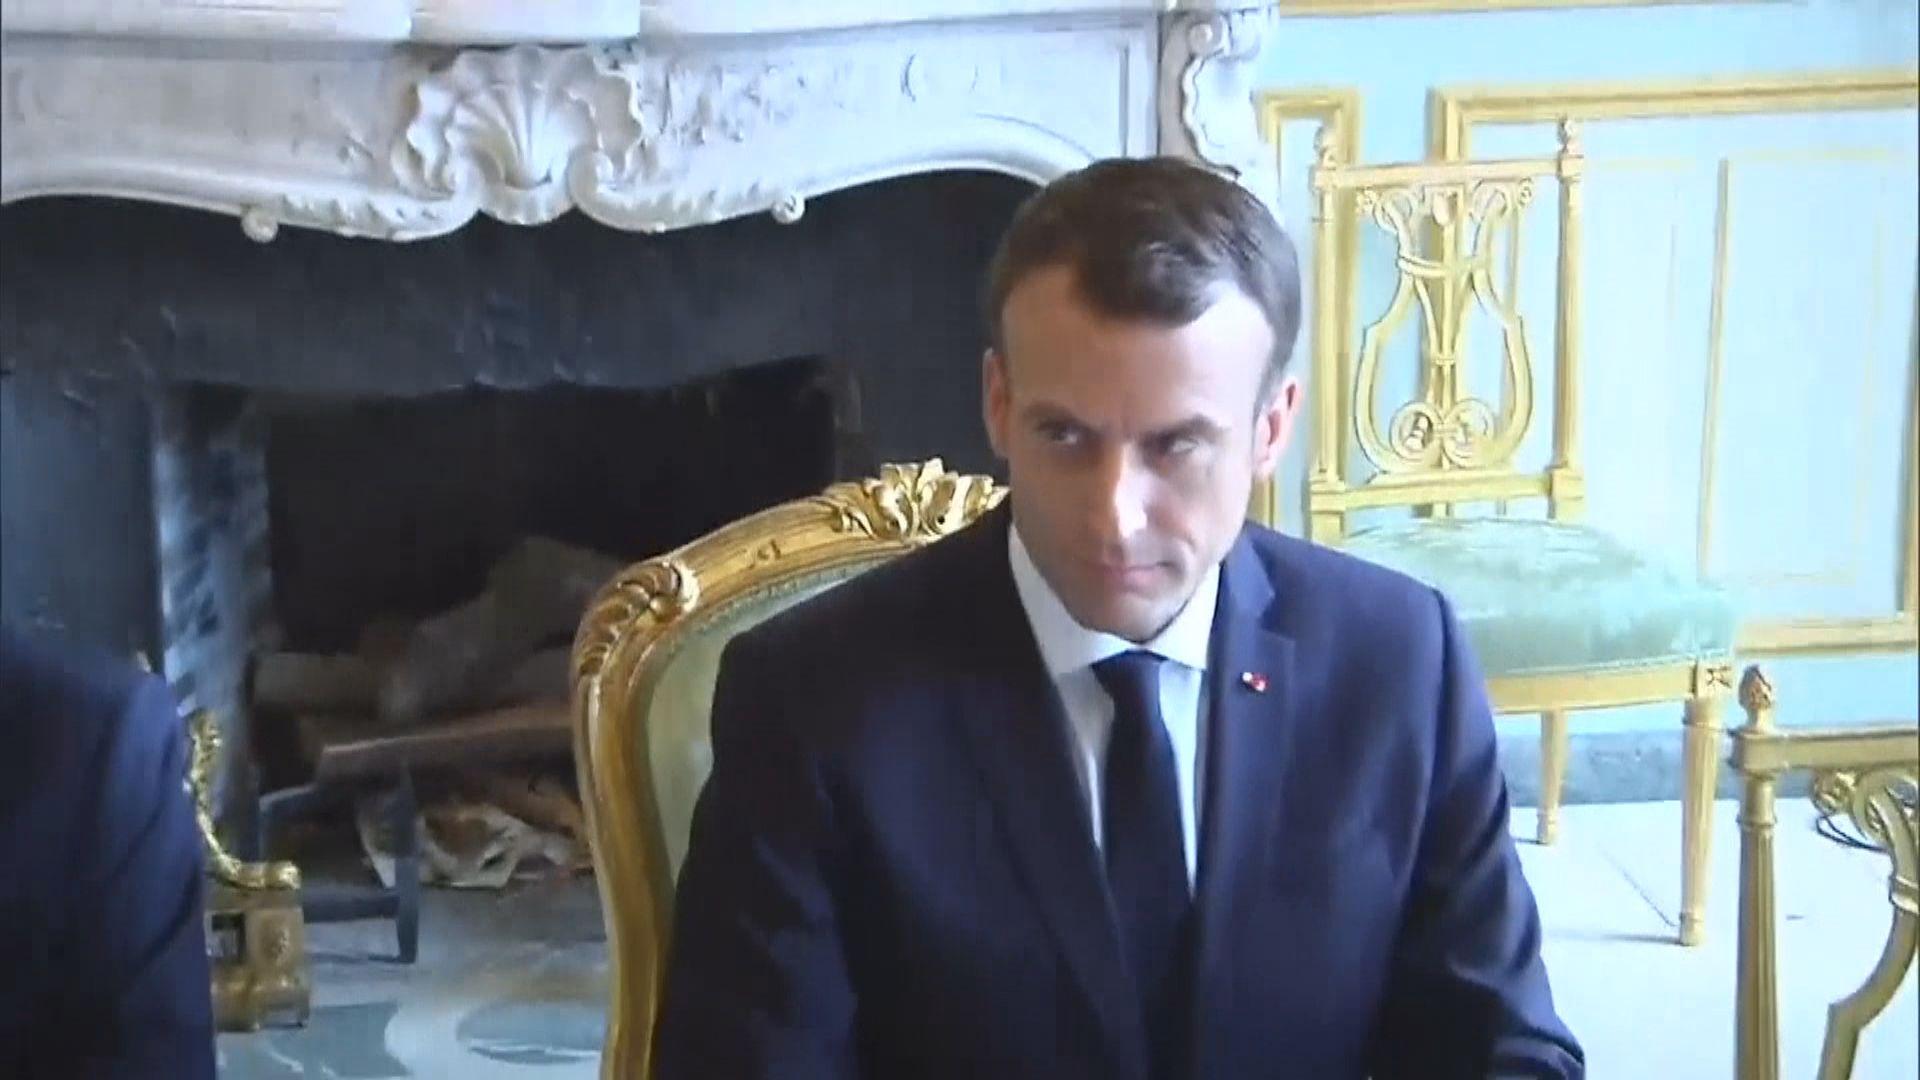 法國政府擱置增加燃油稅